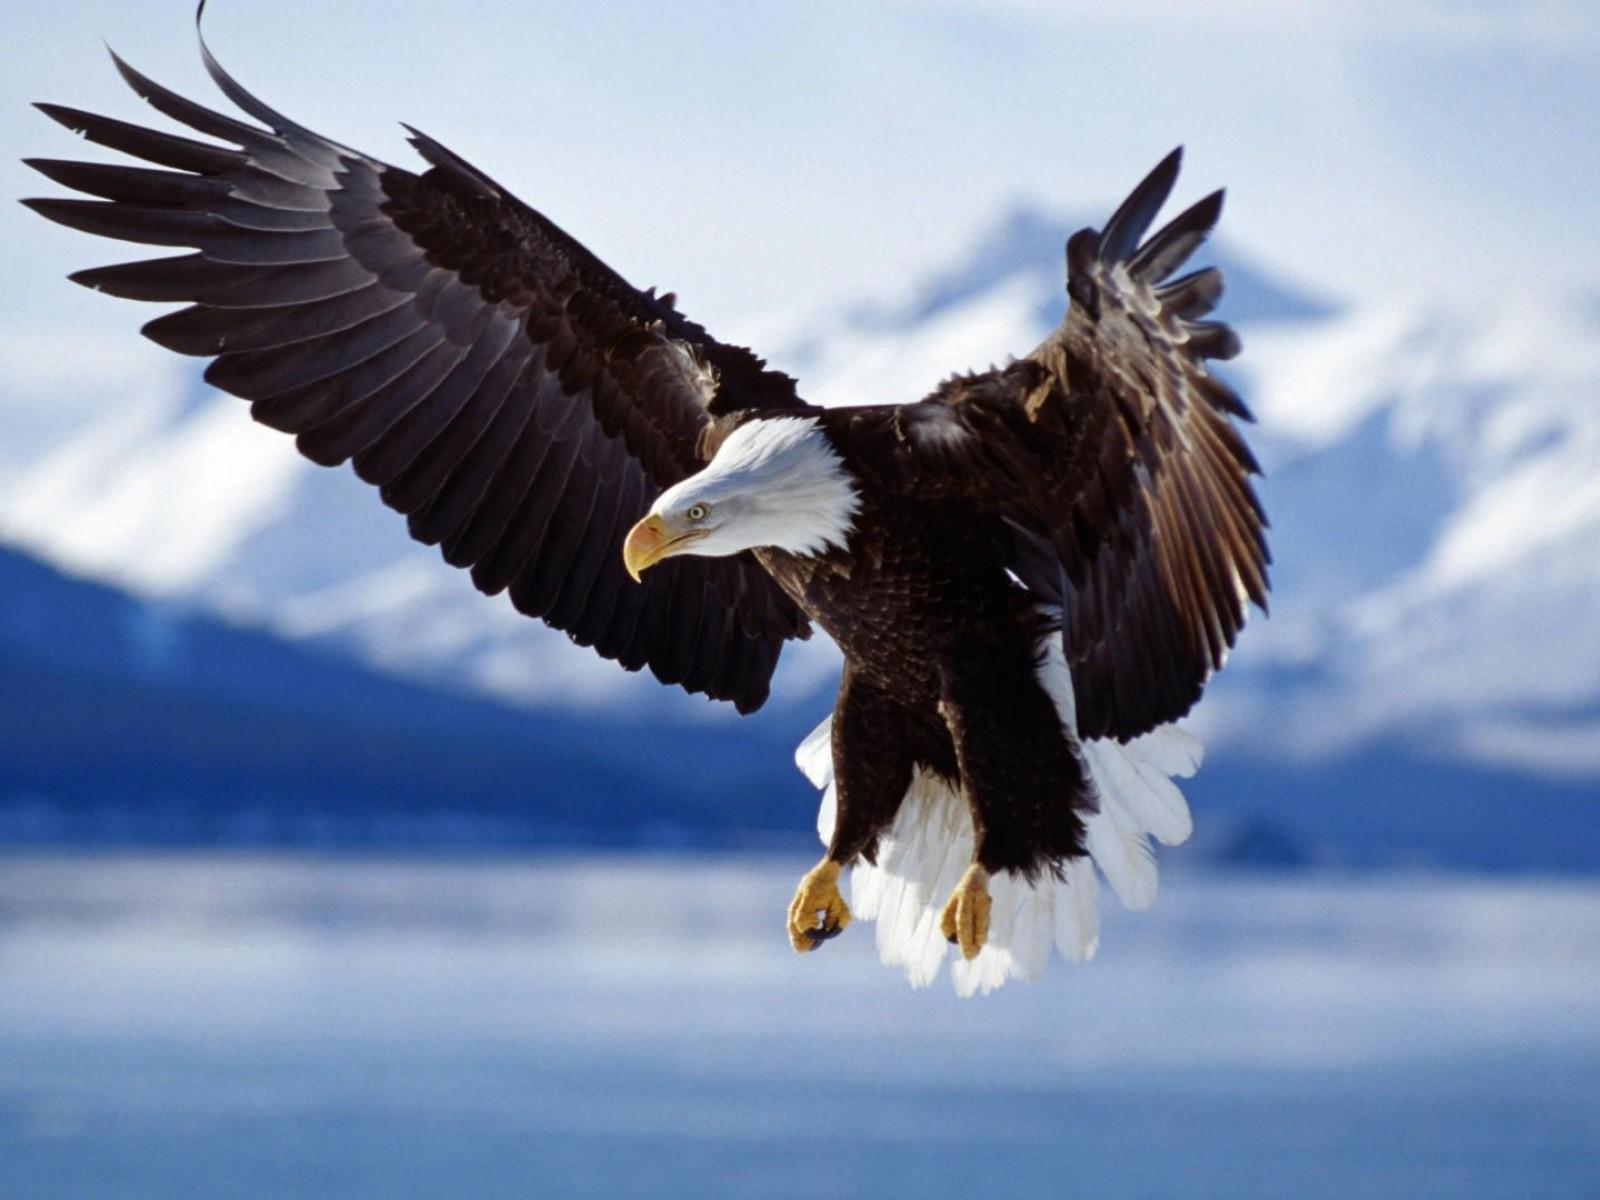 Орел, летит, крылья, фото, обои для рабочего стола